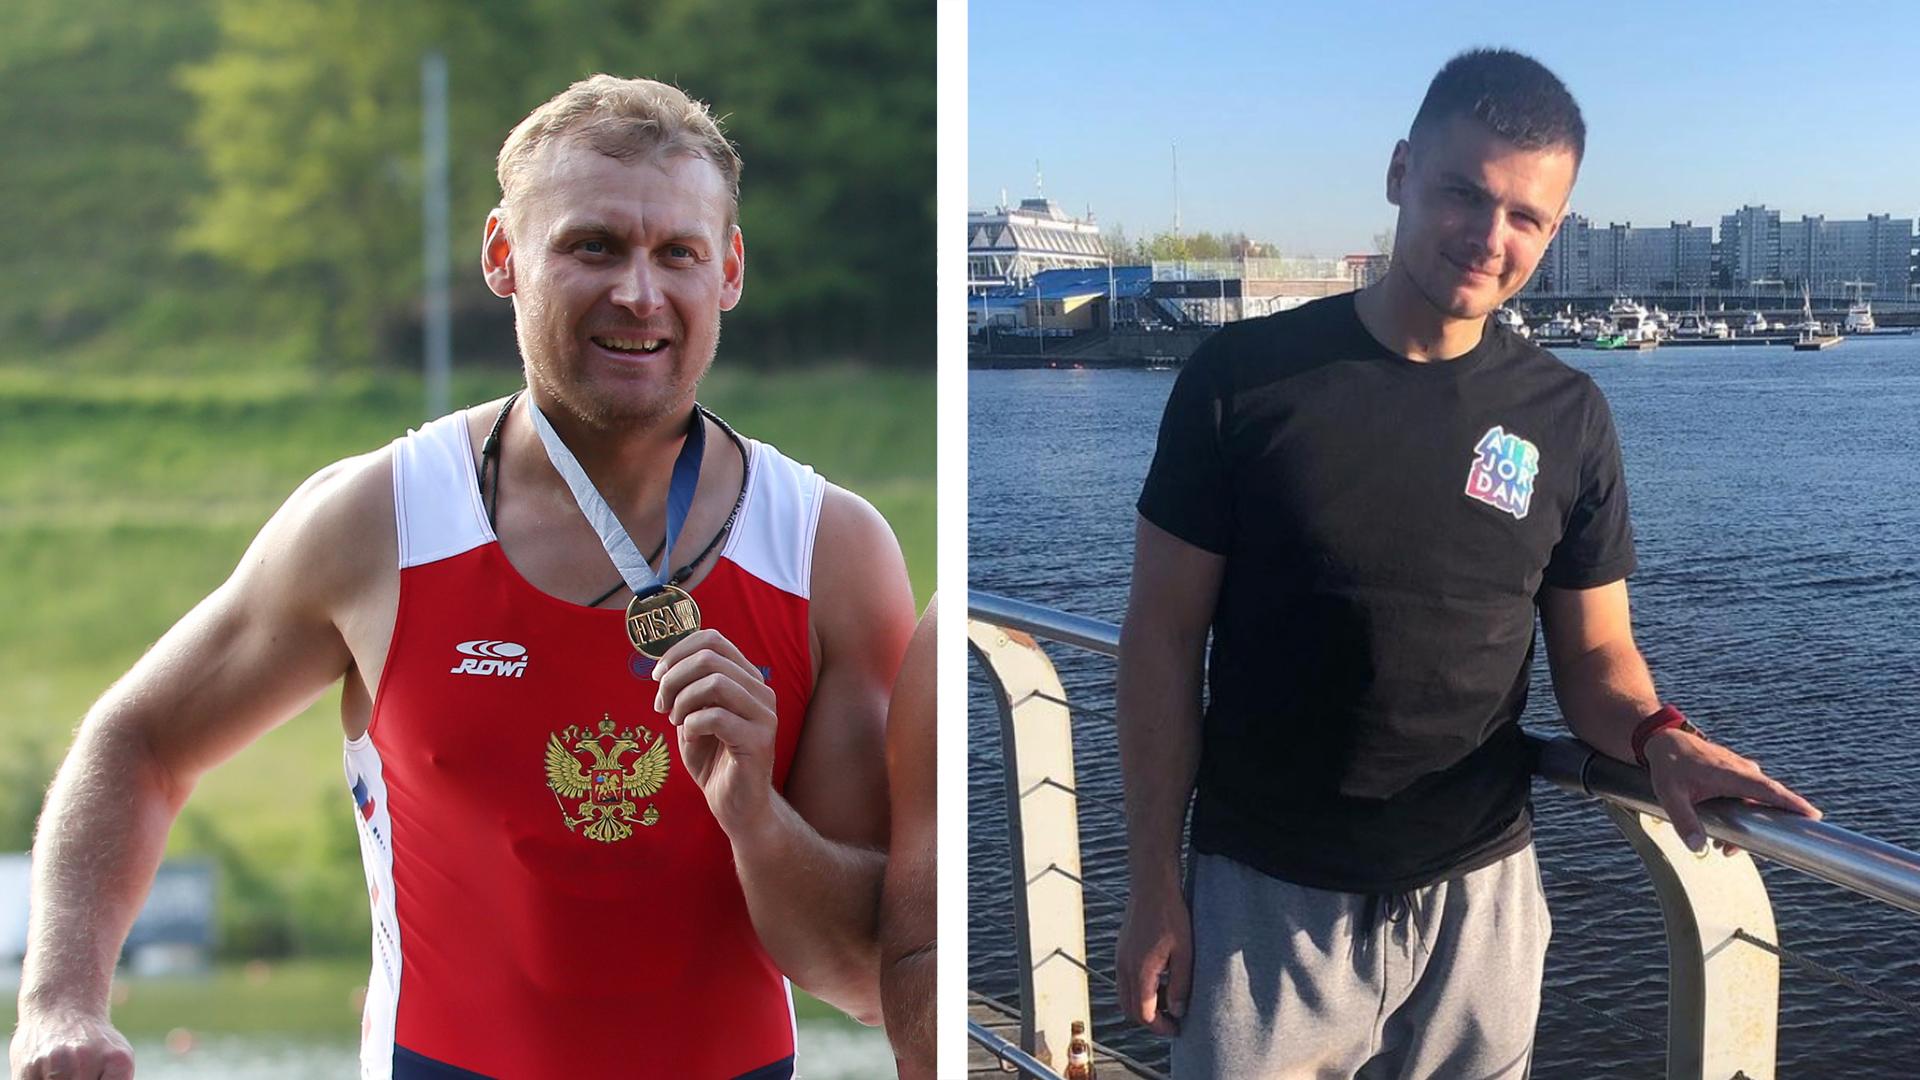 Глава Федерации гребли считает, что положительные допинг-пробы двух спортсменов могут быть ошибкой